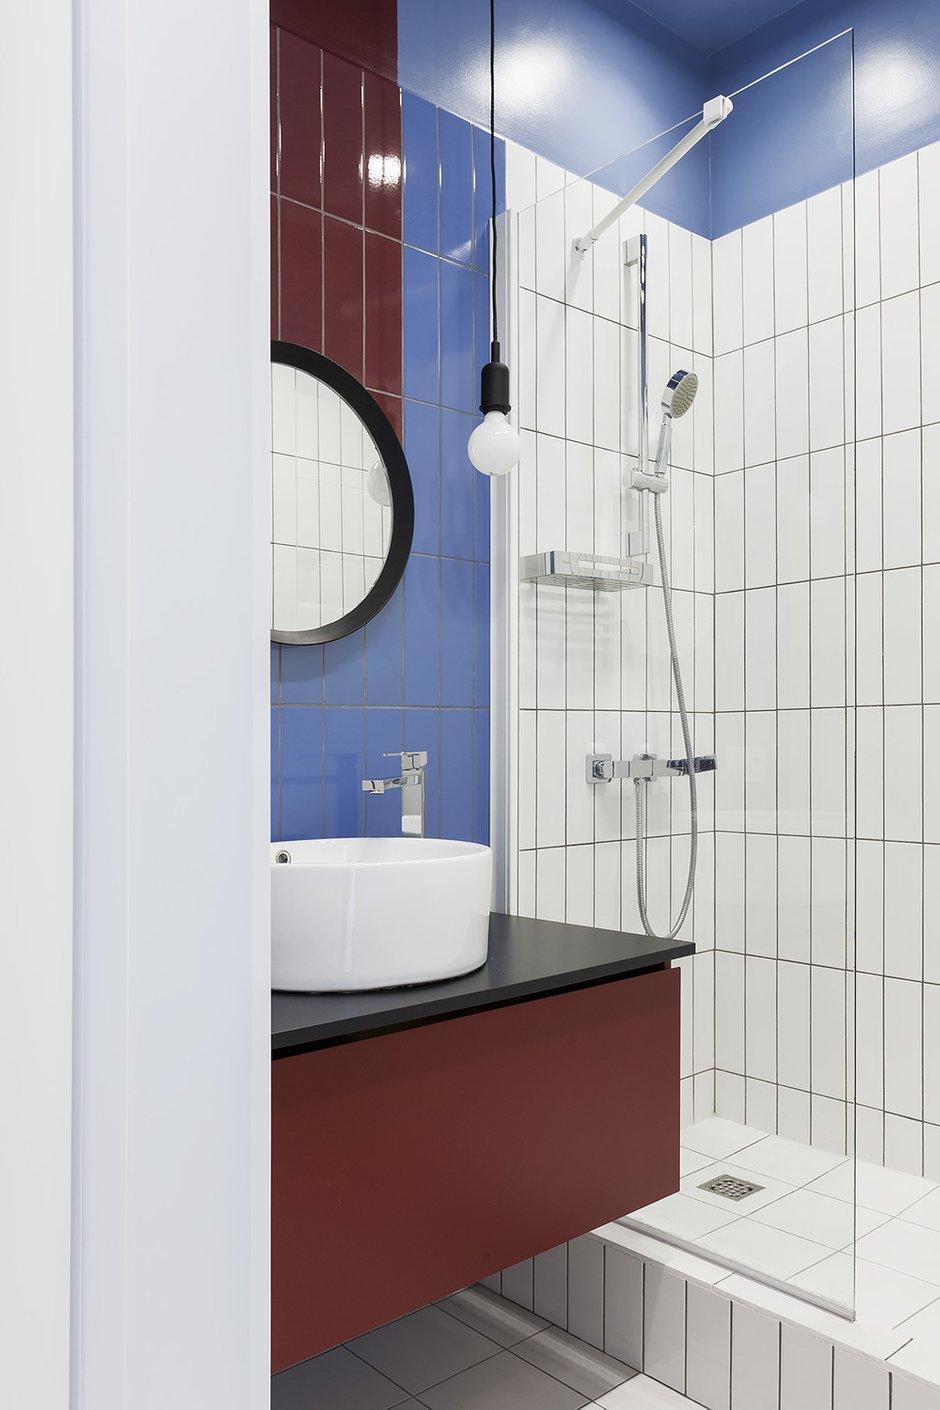 Фотография: Ванная в стиле Современный, Квартира, Проект недели, Сталинка, 3 комнаты, 40-60 метров, Москав, Светлана Хабеева – фото на INMYROOM